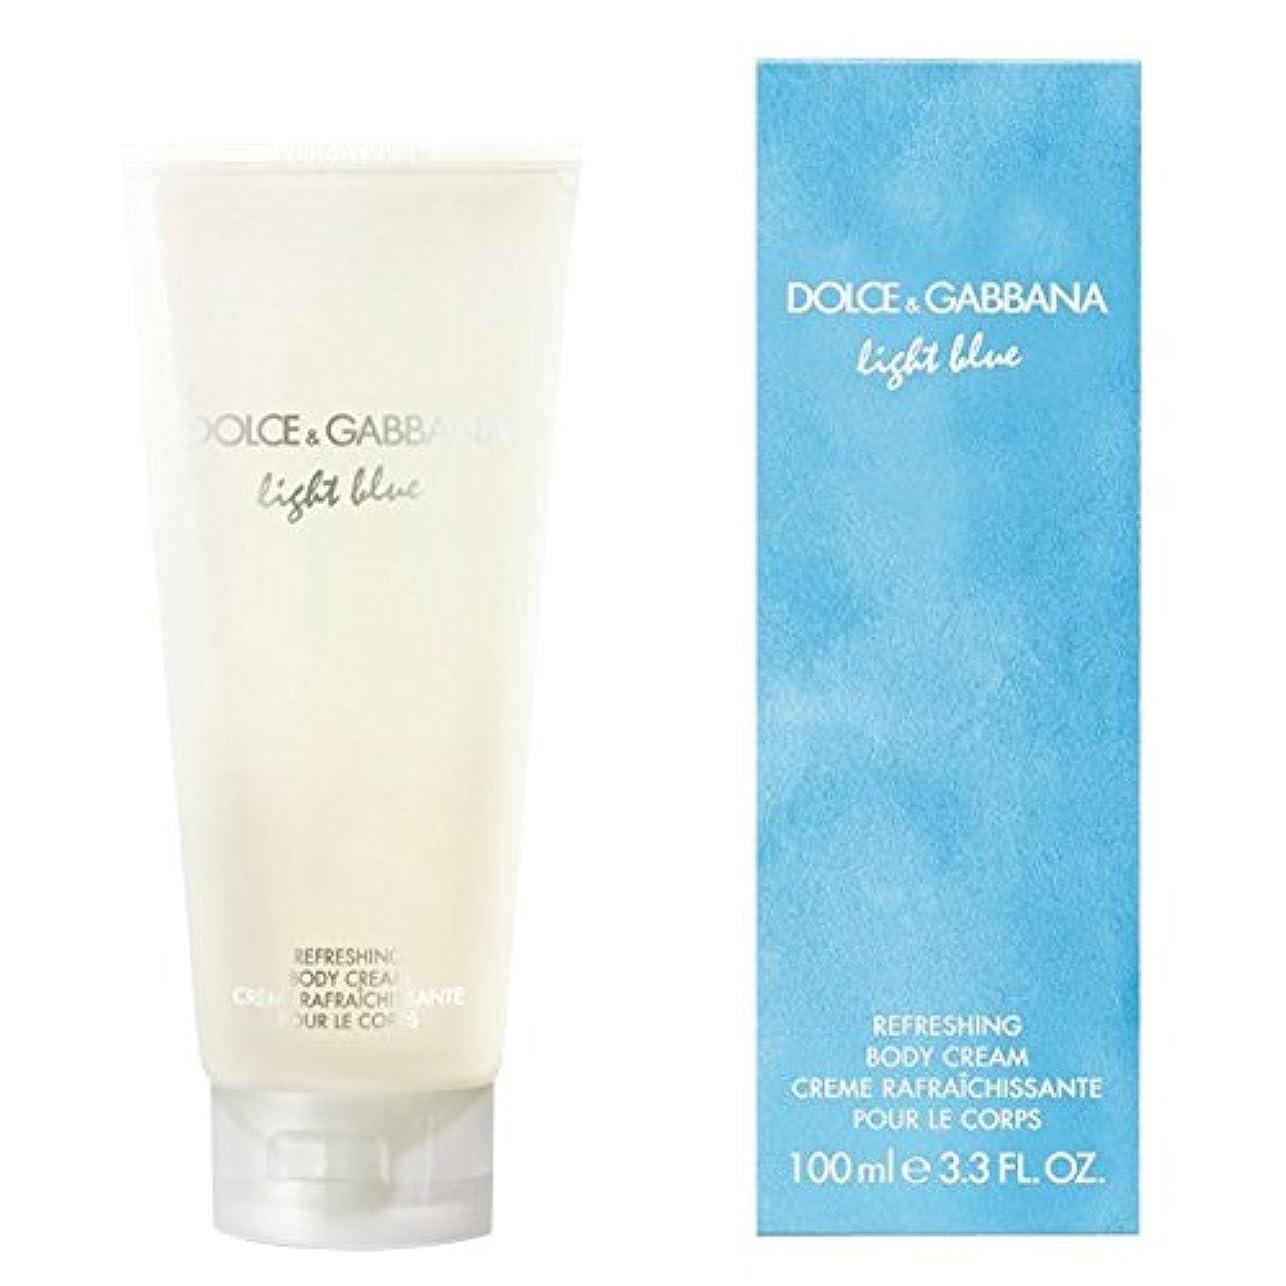 履歴書コンサート羊飼いドルチェ&ガッバーナライトブルーの爽やかなボディクリーム200ミリリットル (Dolce & Gabbana) - Dolce & Gabbana Light Blue Refreshing Body Cream 200ml...